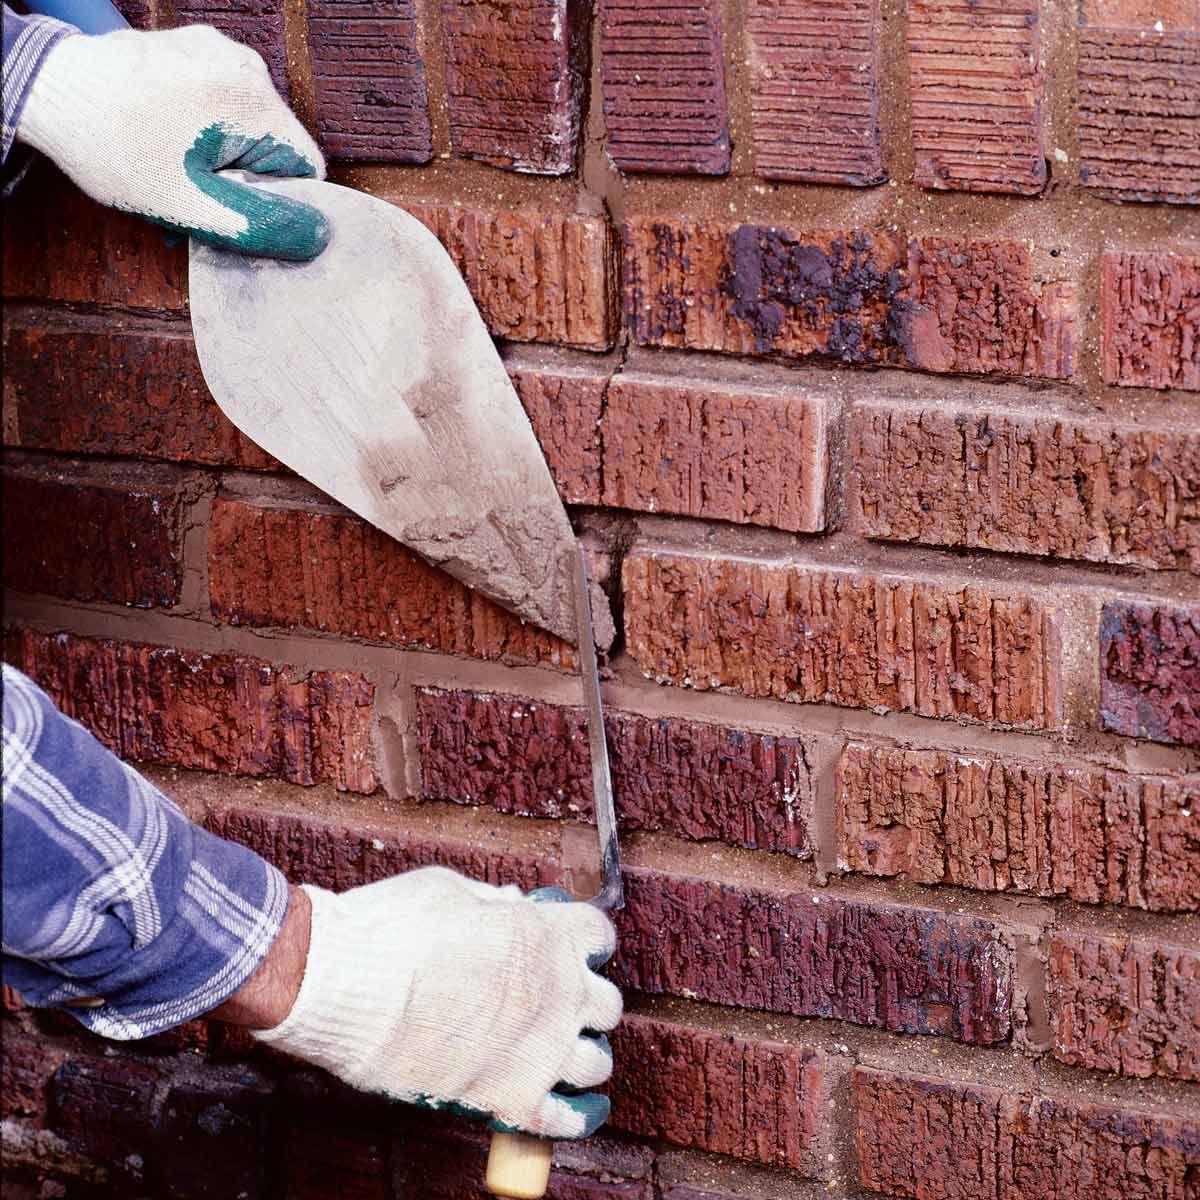 How To Repair Mortar Joints Brick Repair Home Maintenance Home Repairs